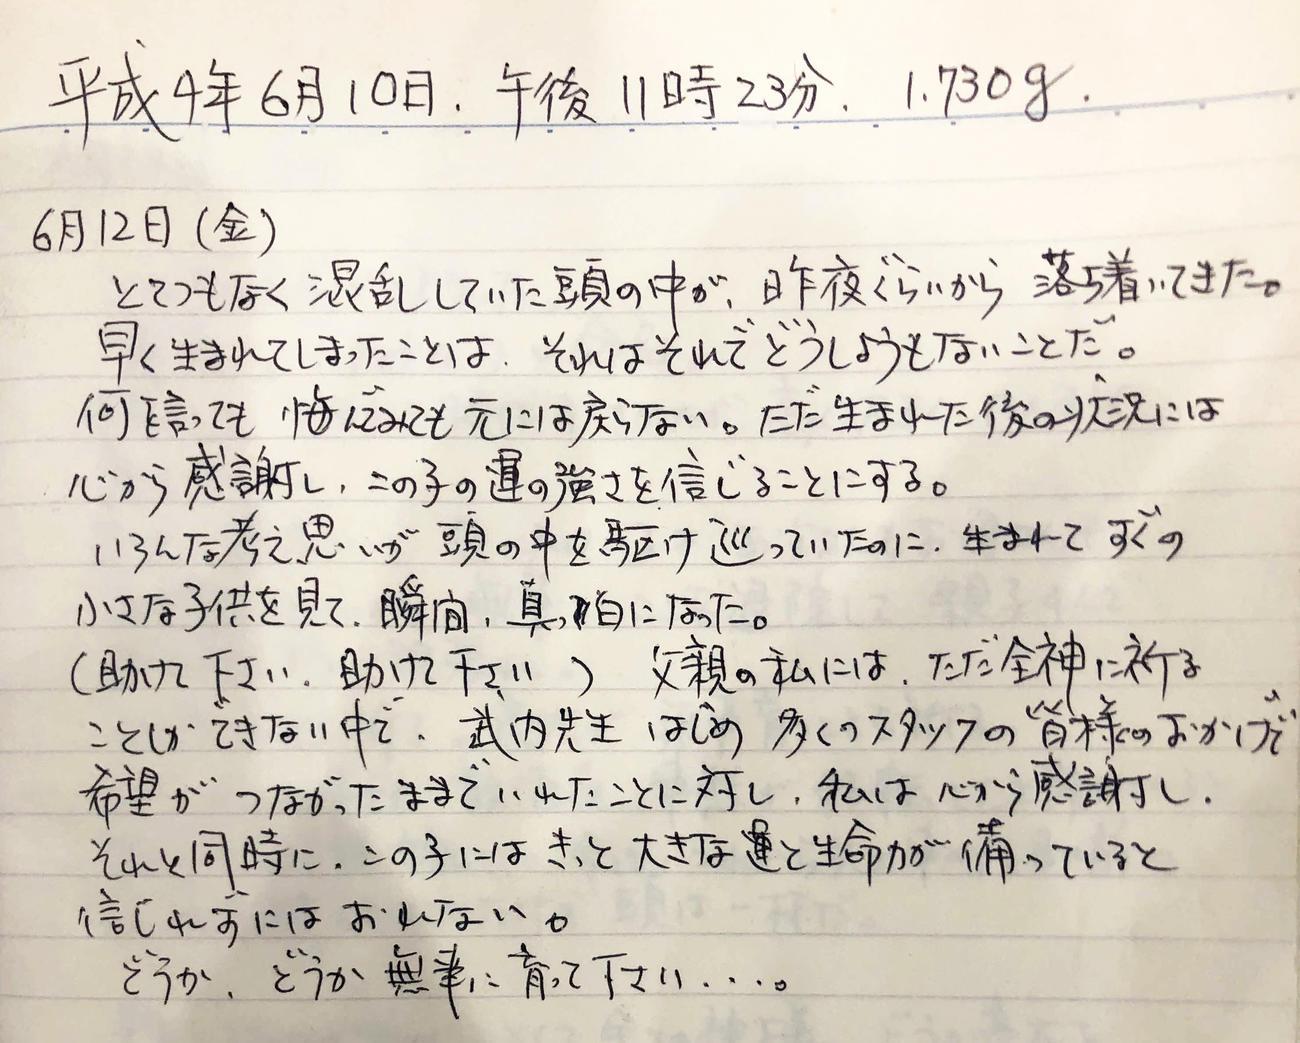 父浩一さんが記した92年6月12日の日記